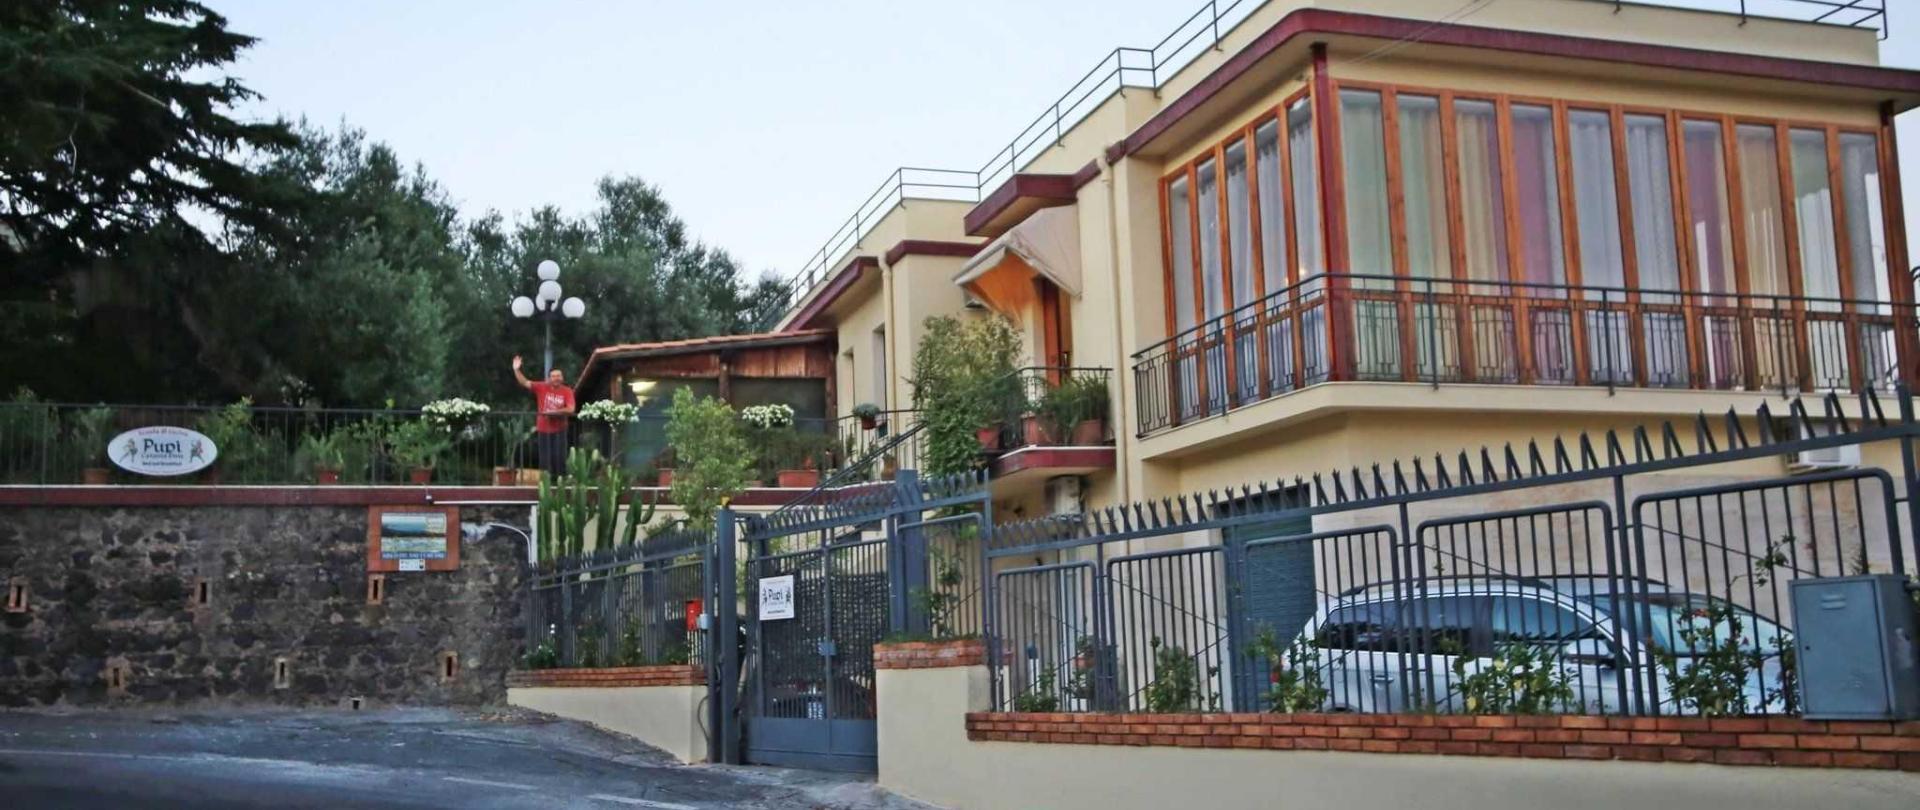 1-facciata-con-saluto.jpg